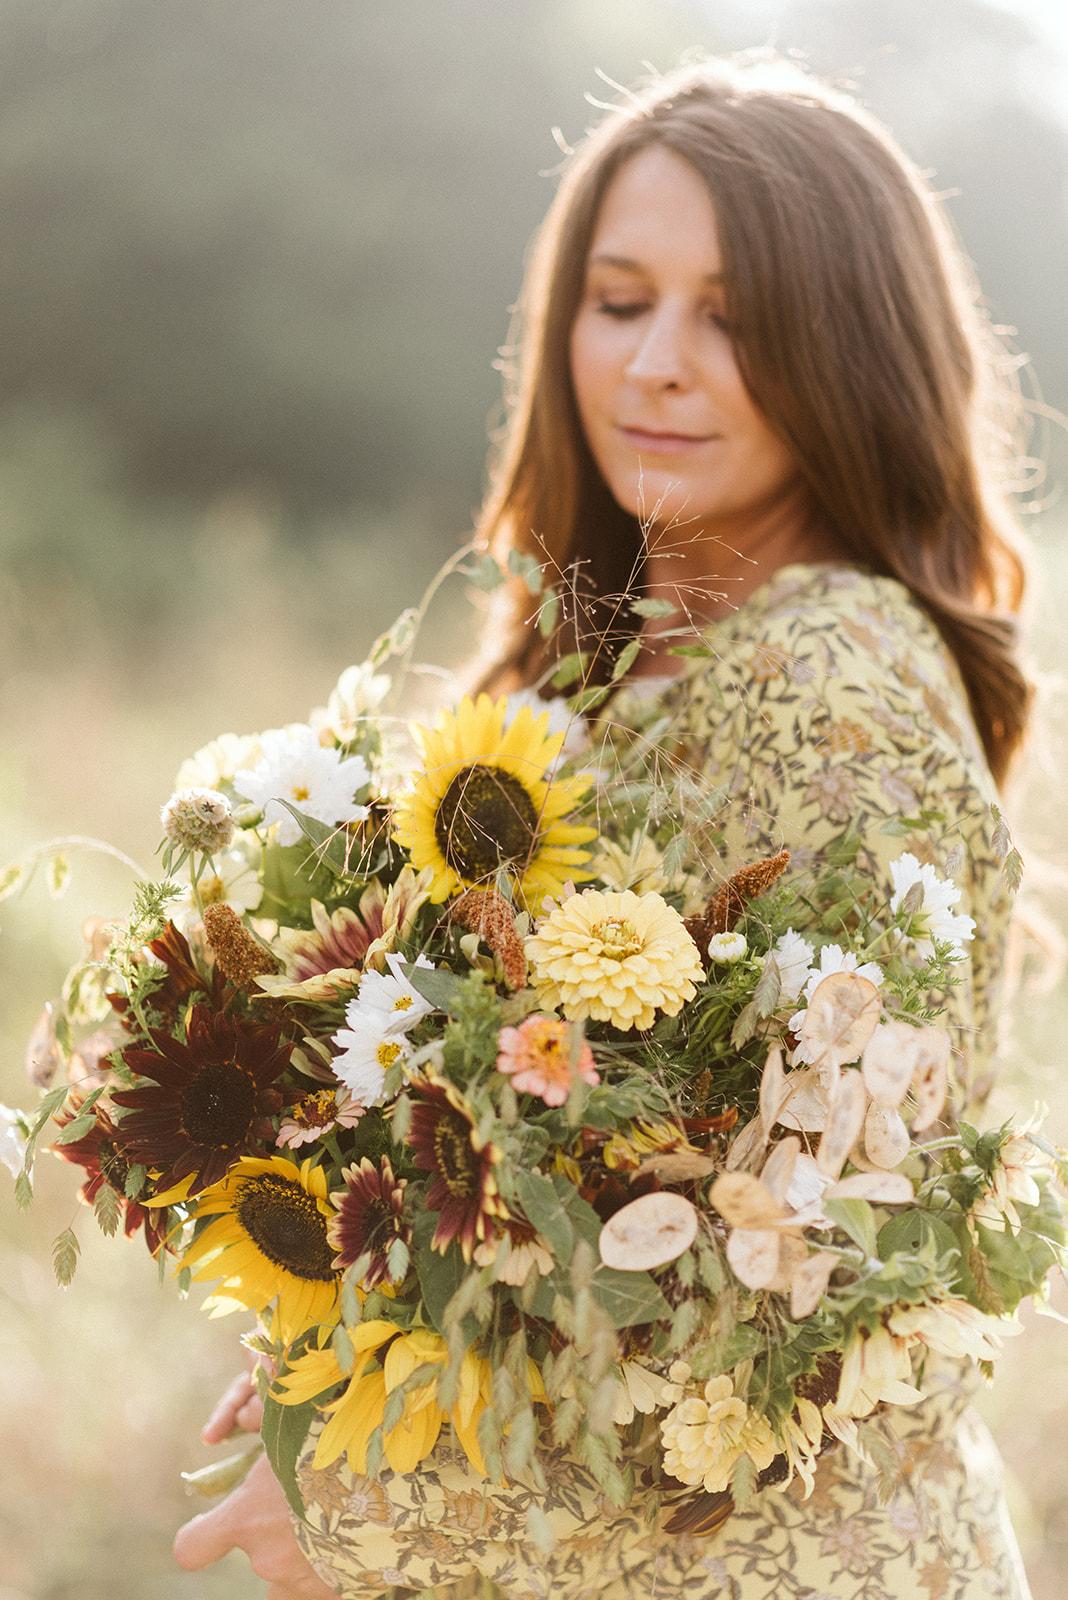 Hemlock_Hellebore_Sunflowers-9.jpg